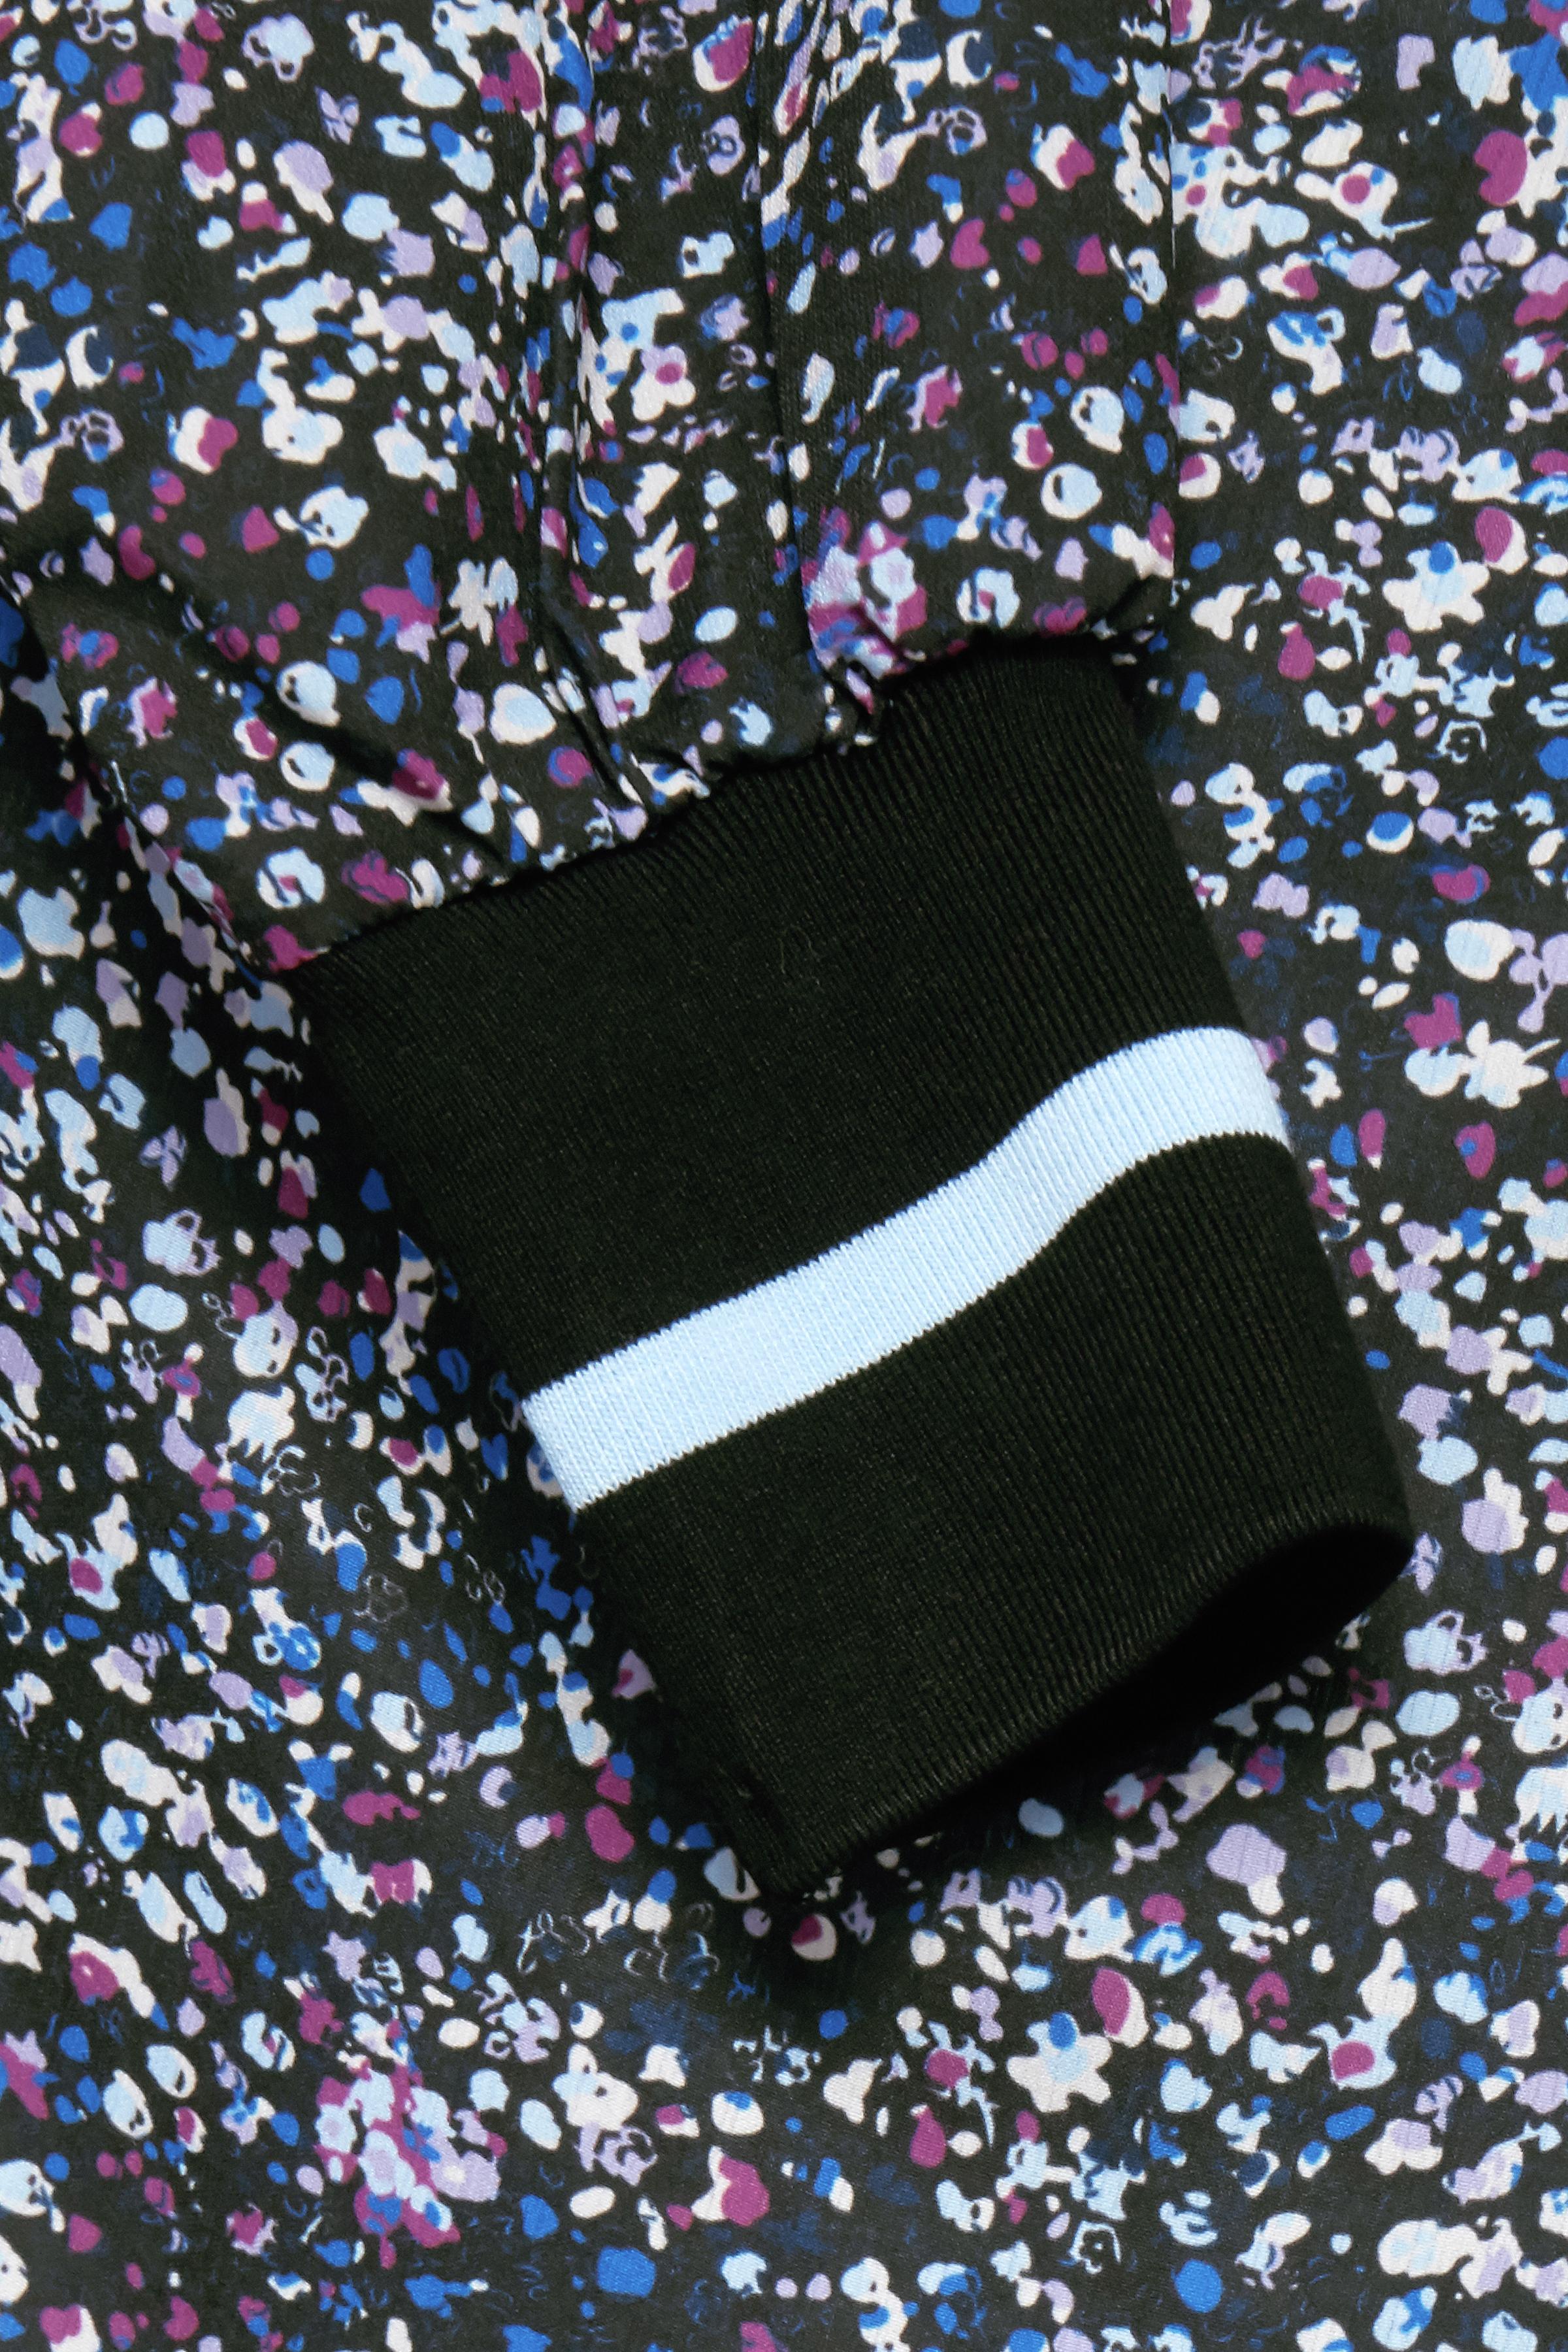 Schwarz/lila Langarm-Bluse  von Dranella – Shoppen Sie Schwarz/lila Langarm-Bluse  ab Gr. XS-XXL hier